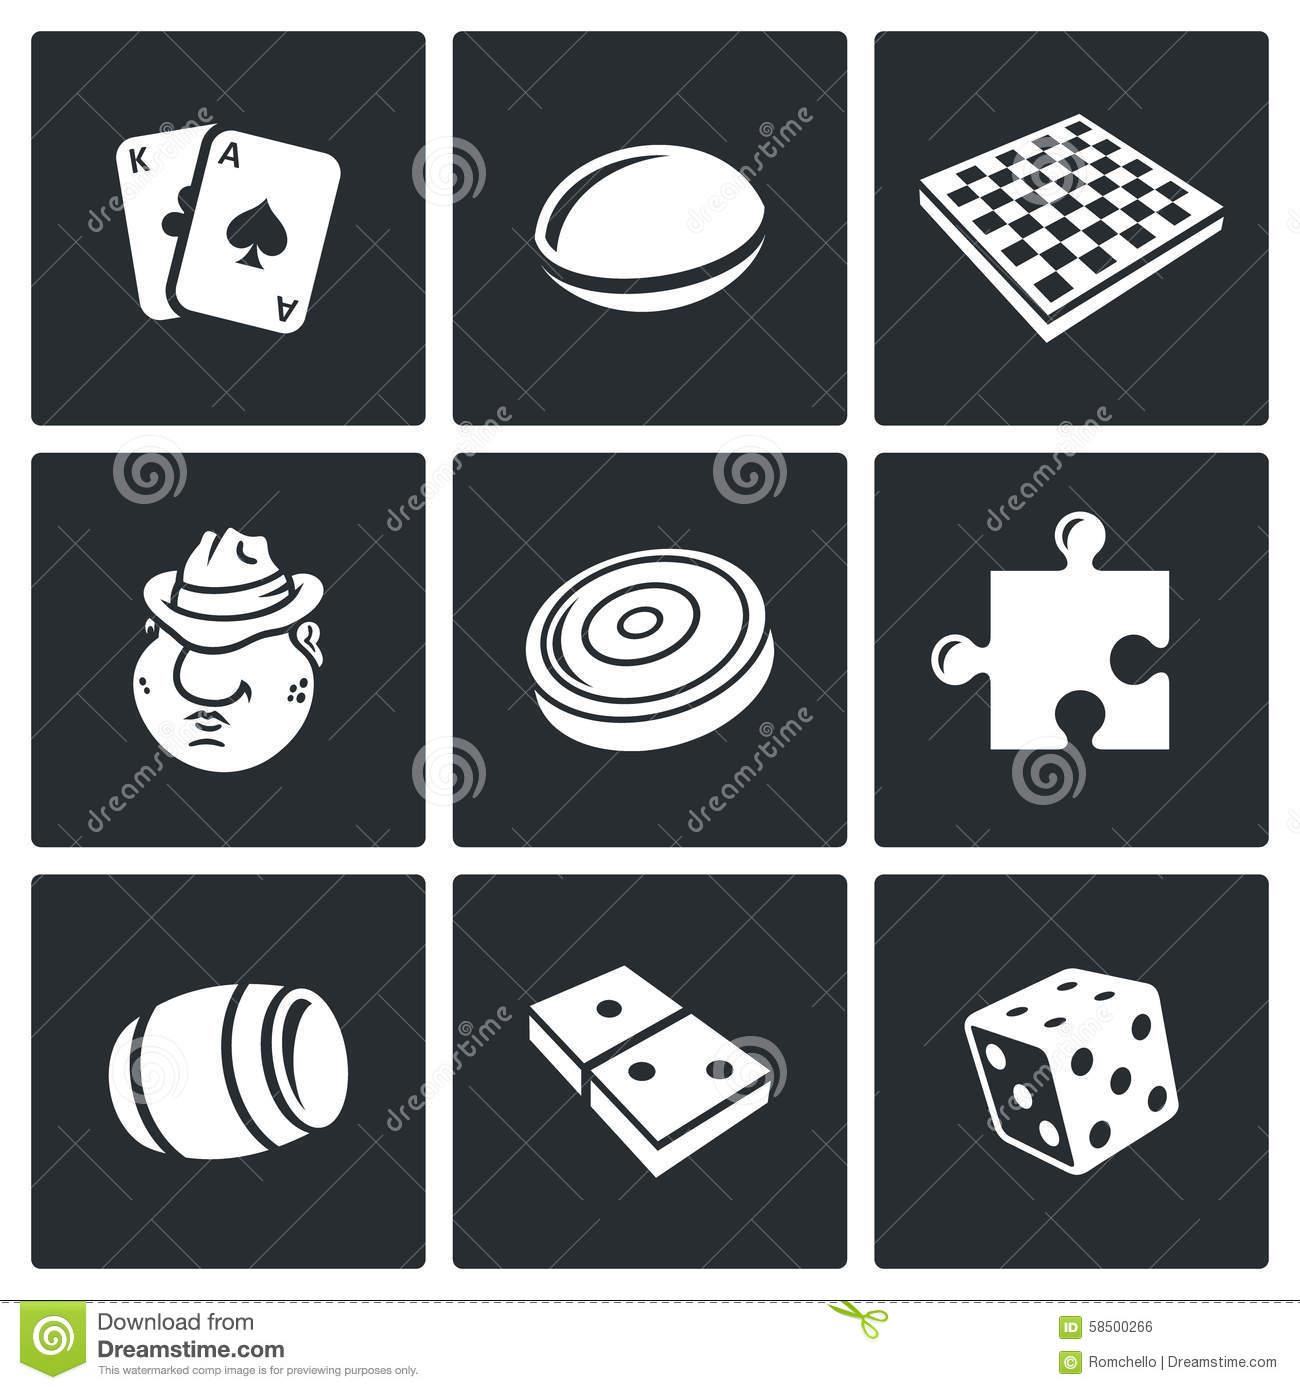 Jeux de société icone